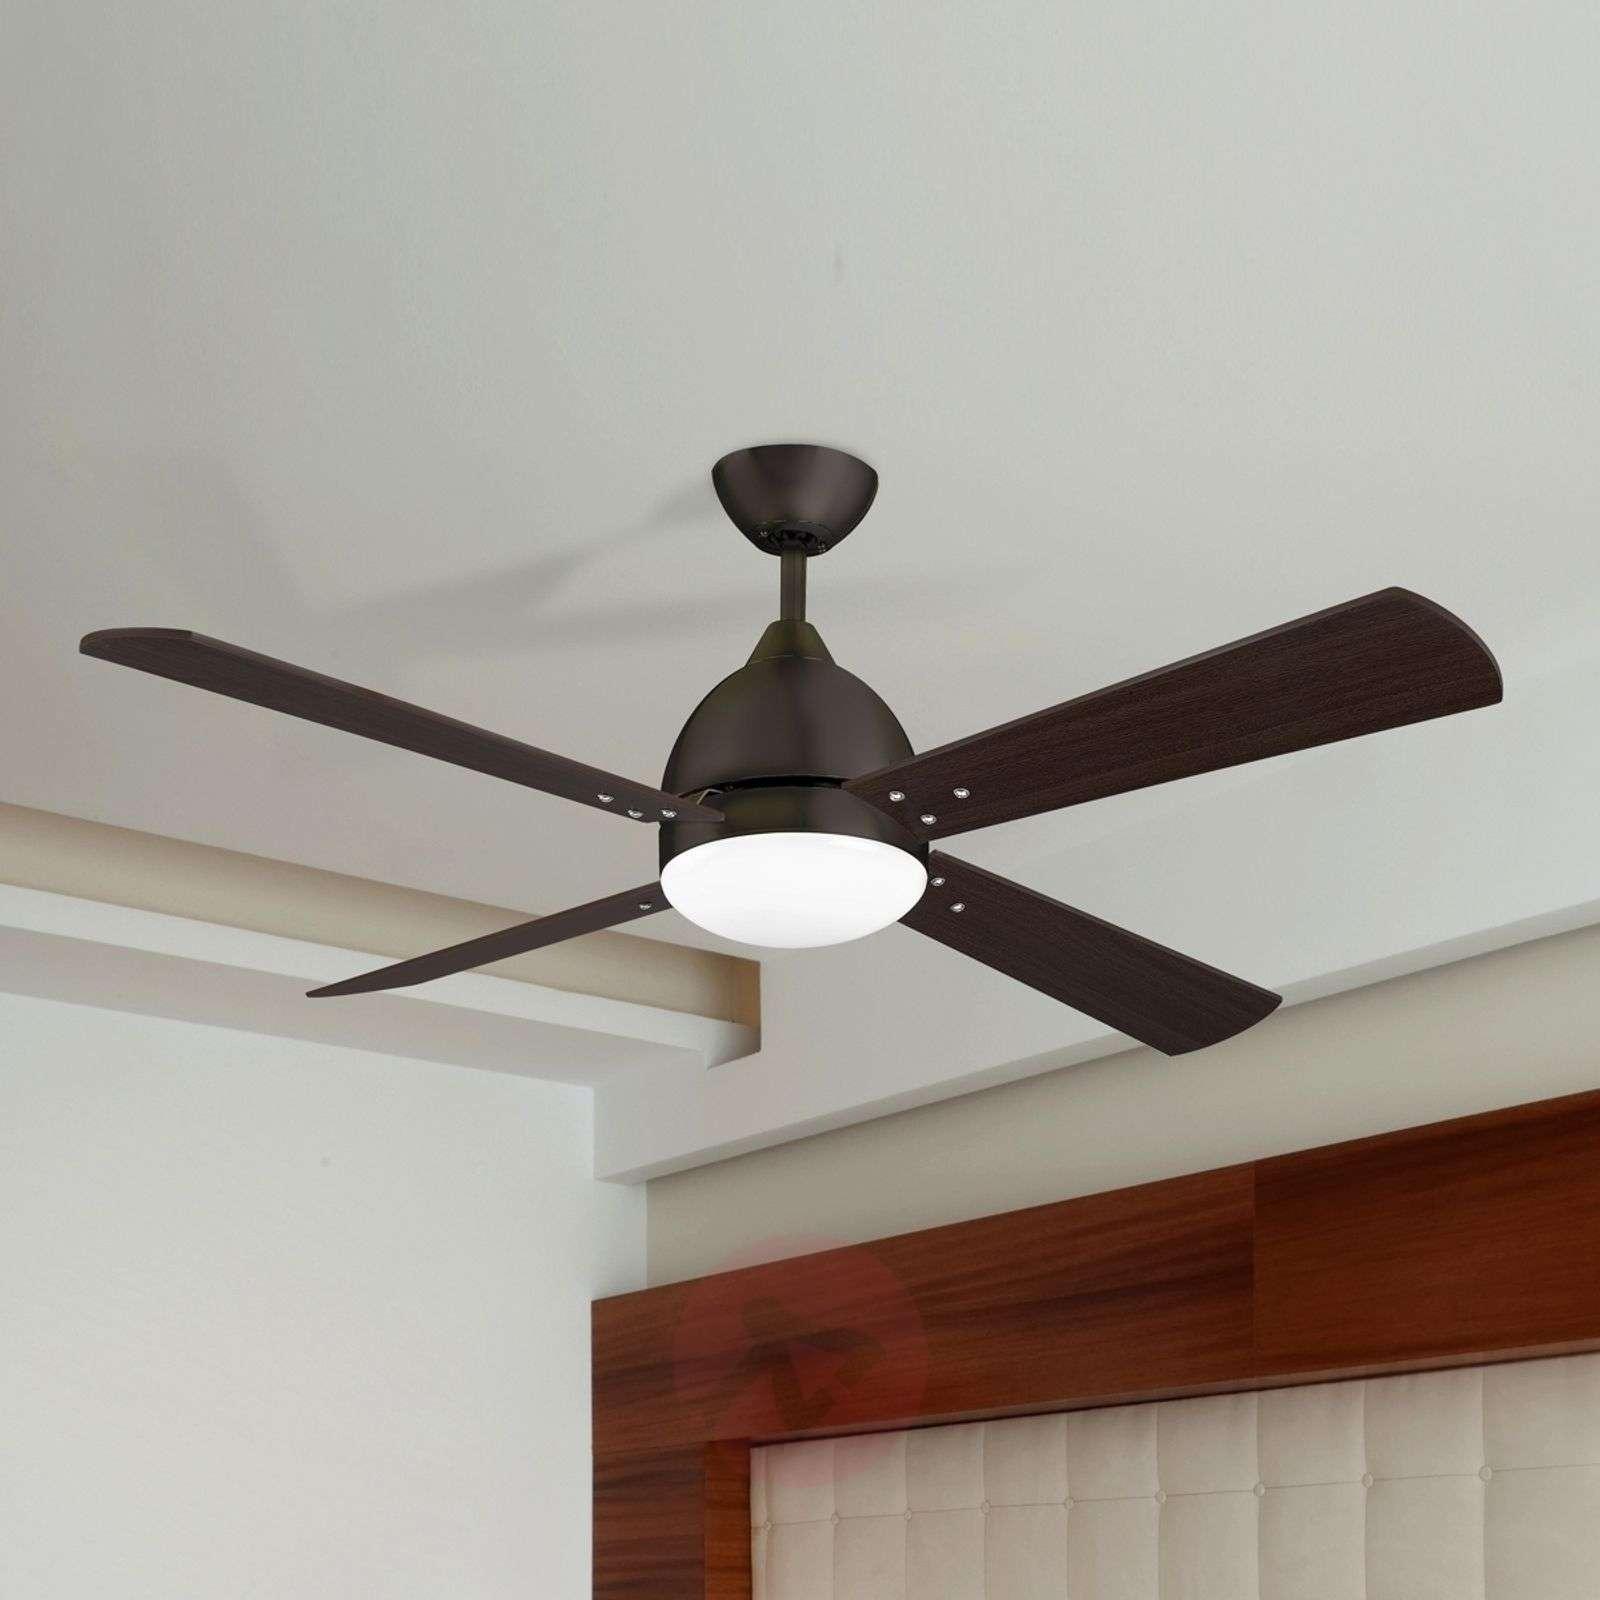 Borneo – moderni kattotuuletin ruskeana-6026307-01